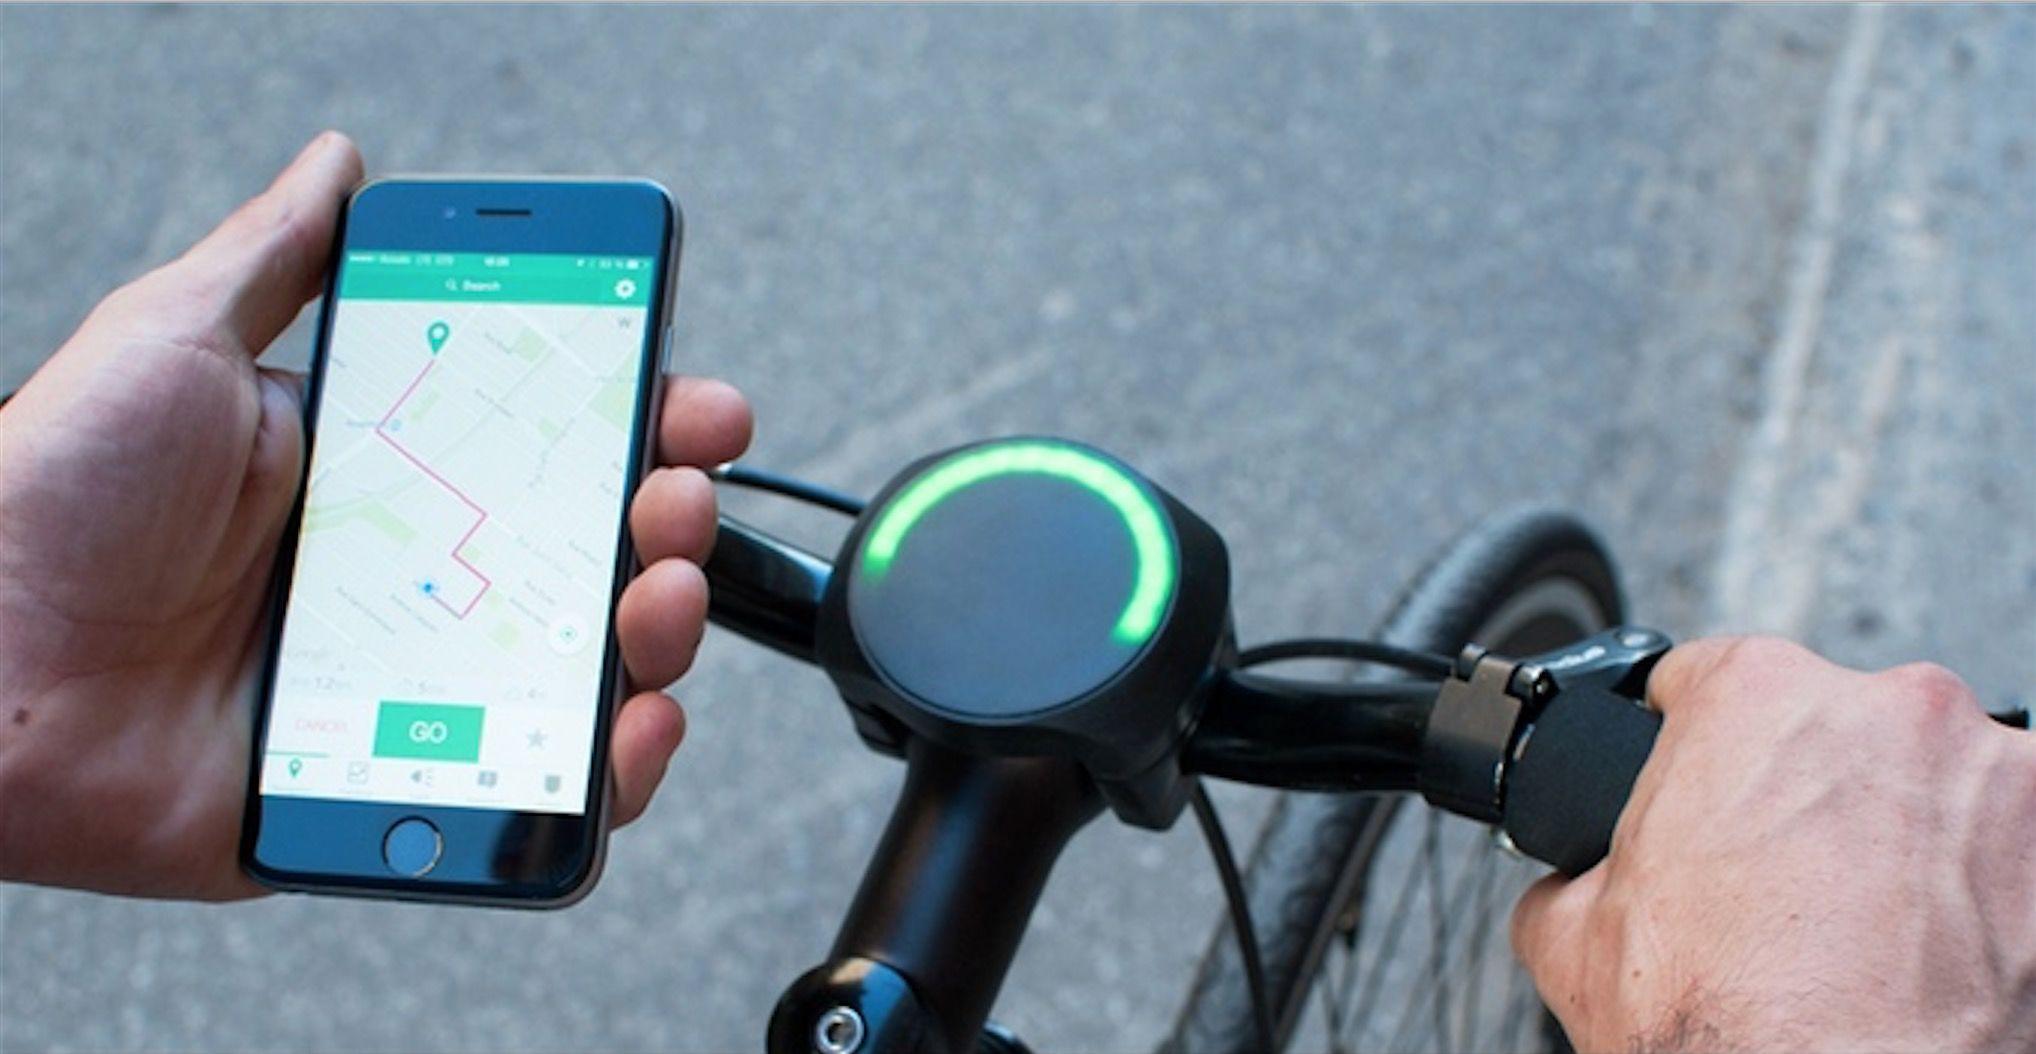 自転車に「ナビ・盗難防止・天候予測」などの機能を追加できるデバイス